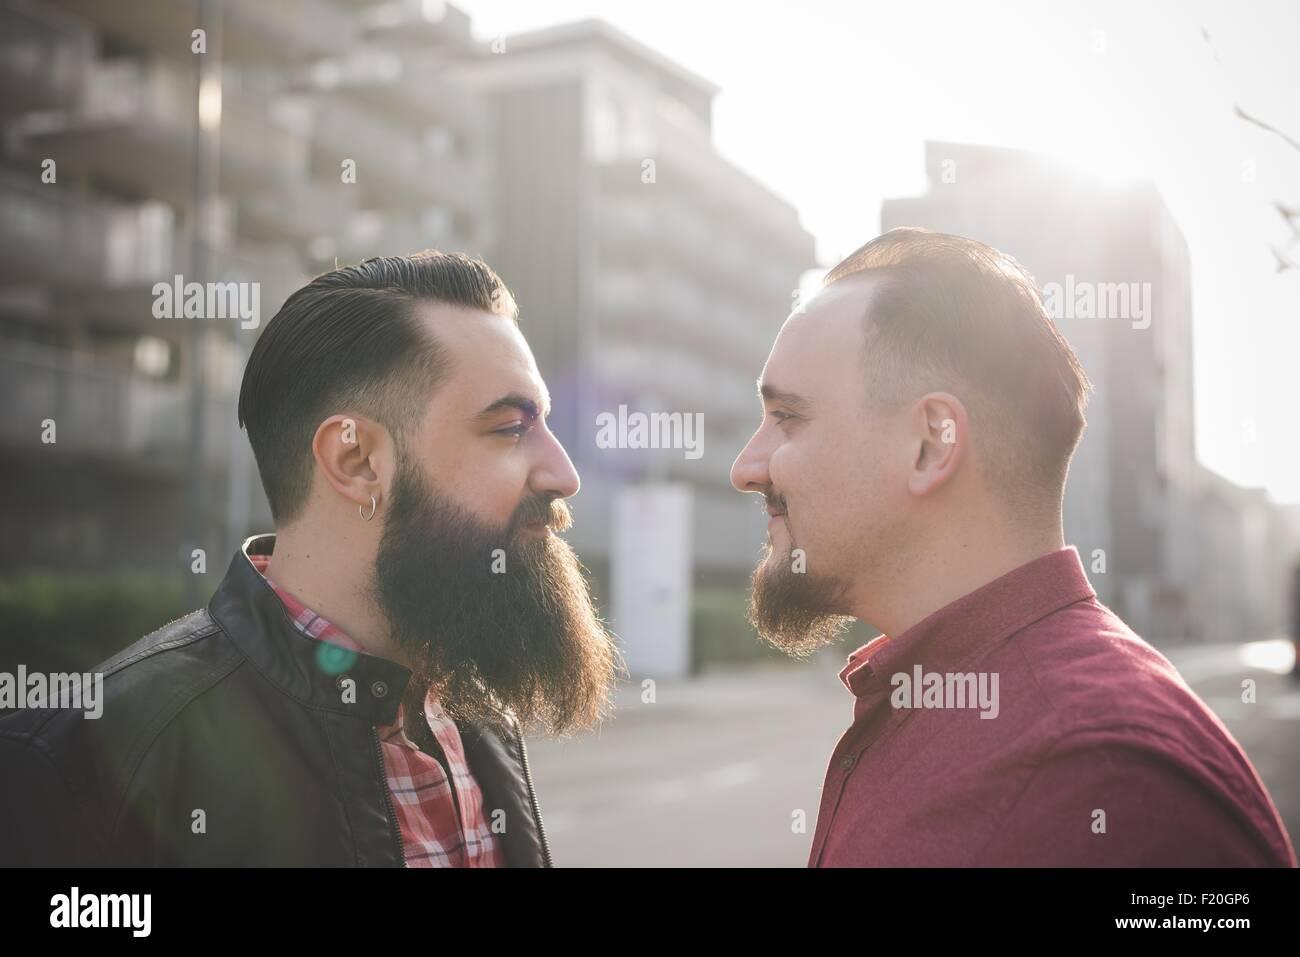 Coppia gay faccia a faccia sulla strada Immagini Stock